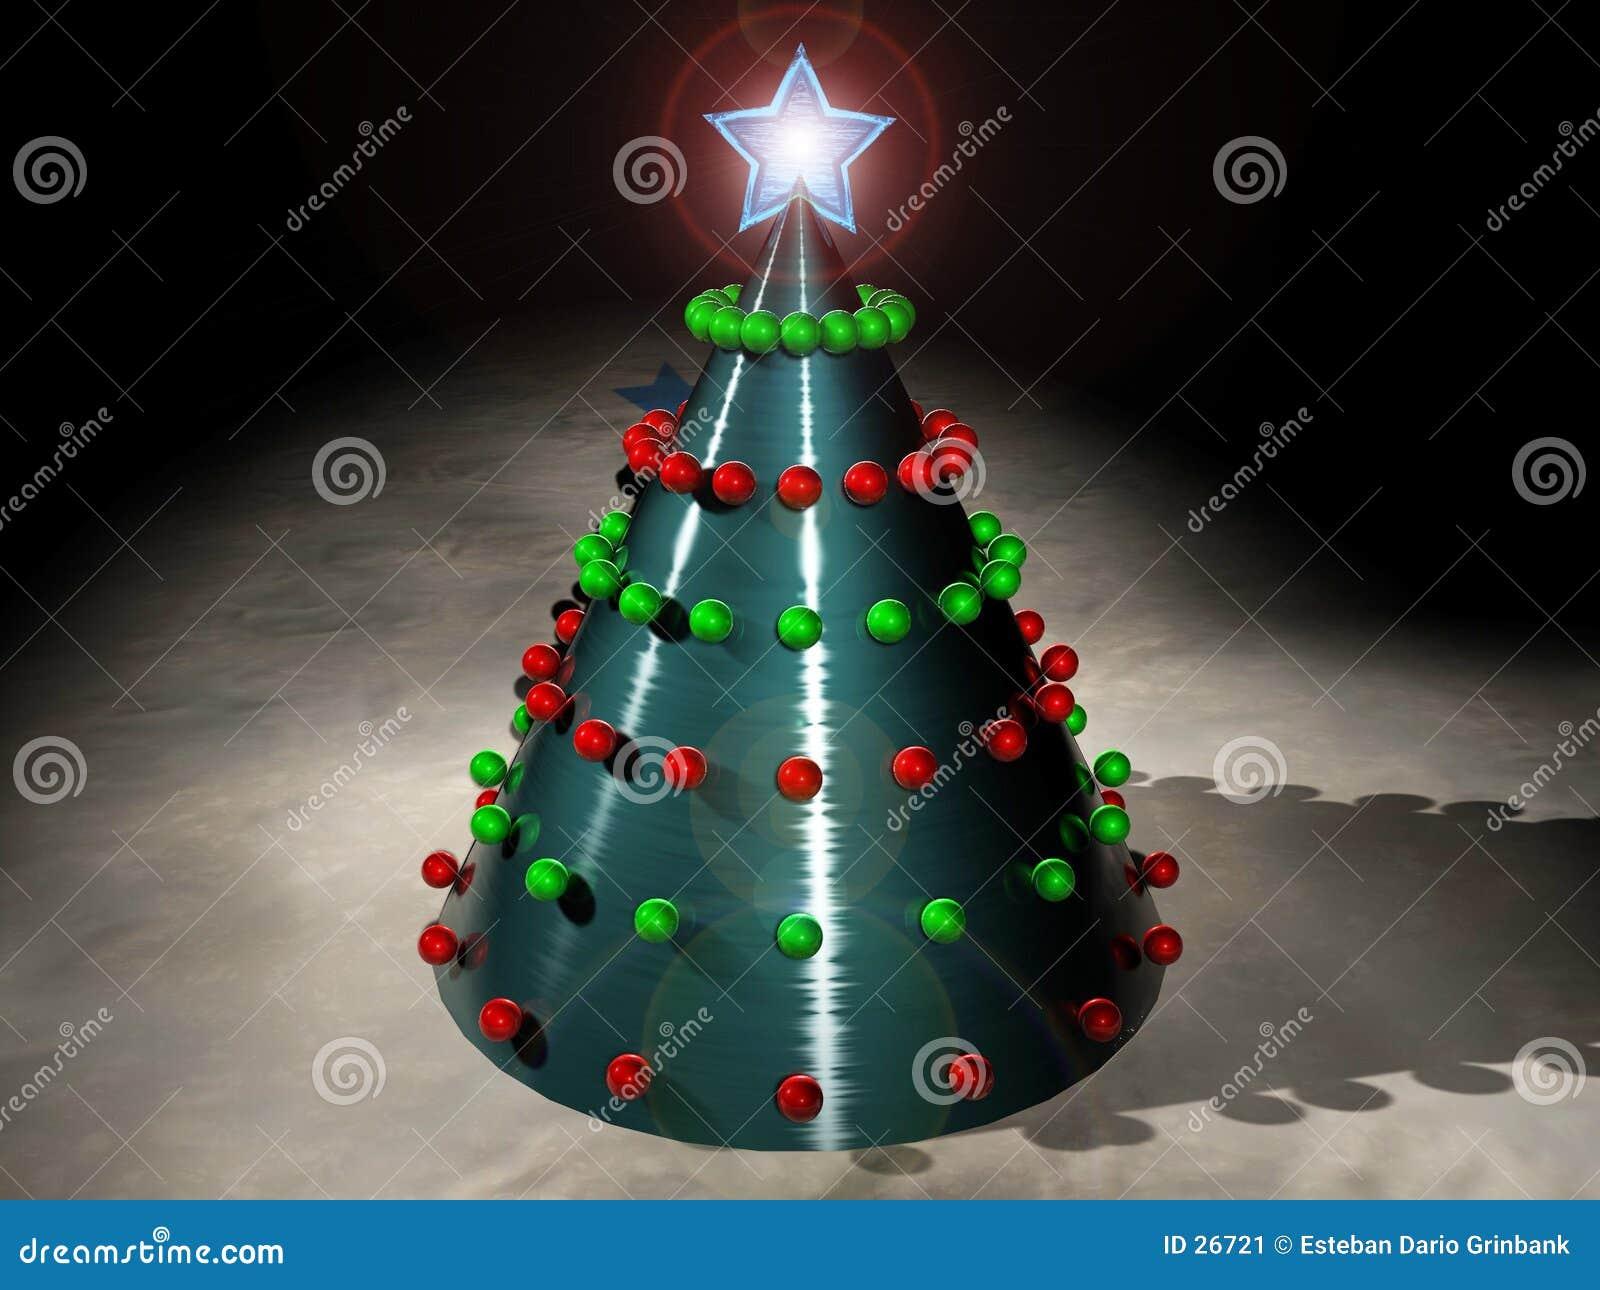 Download La Navidad de Techno stock de ilustración. Ilustración de estrellas - 26721